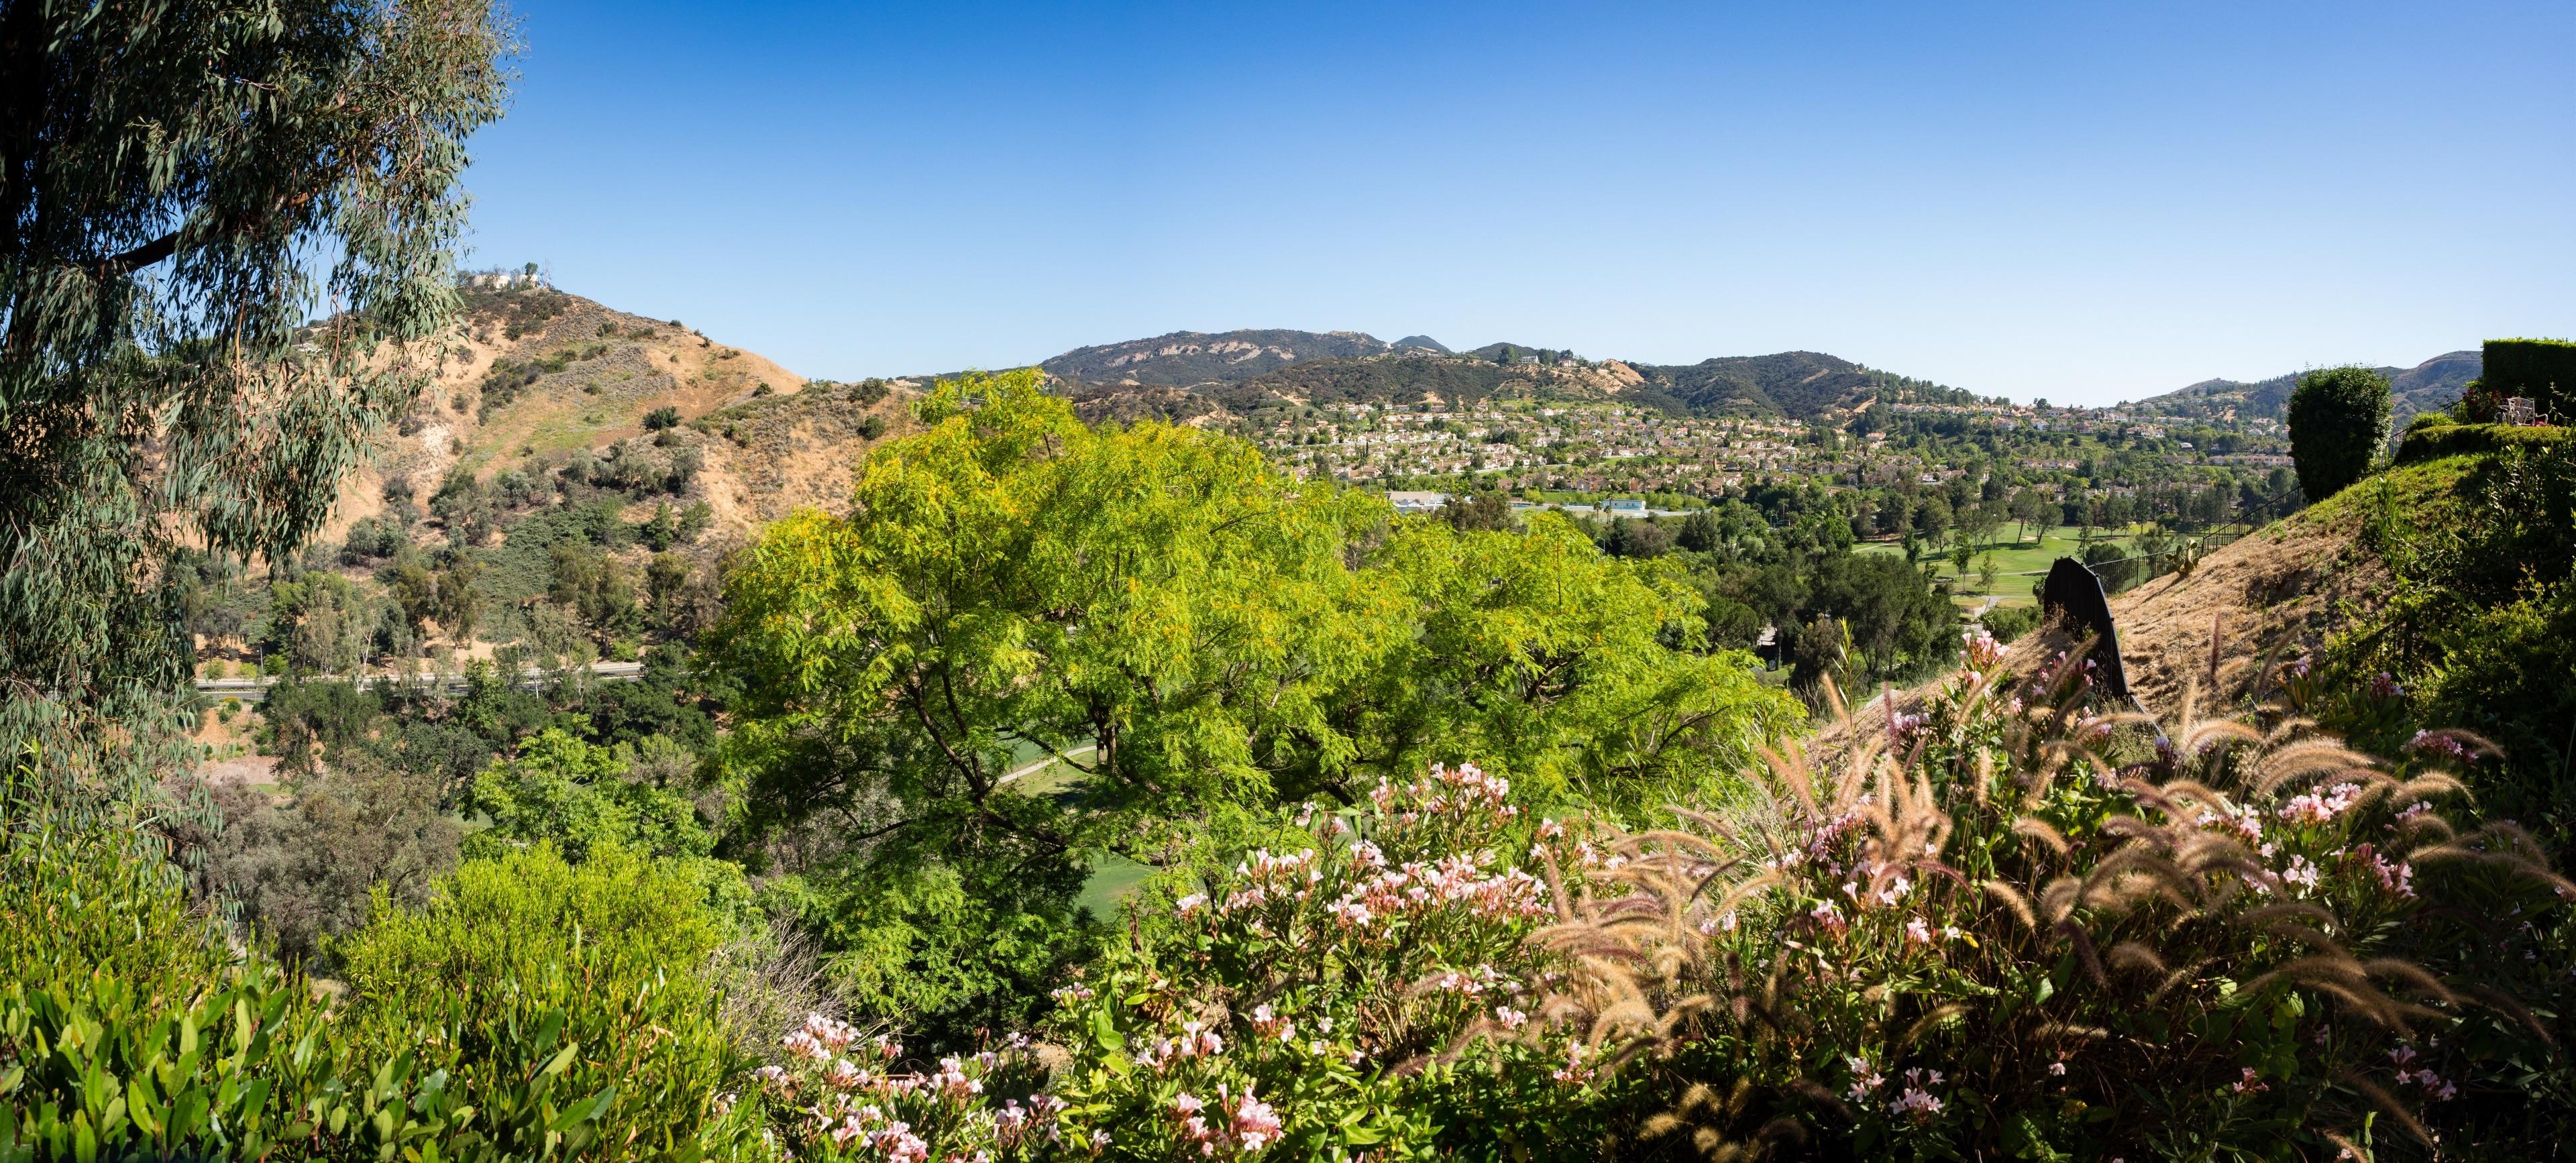 Calabasas, California, United States of America